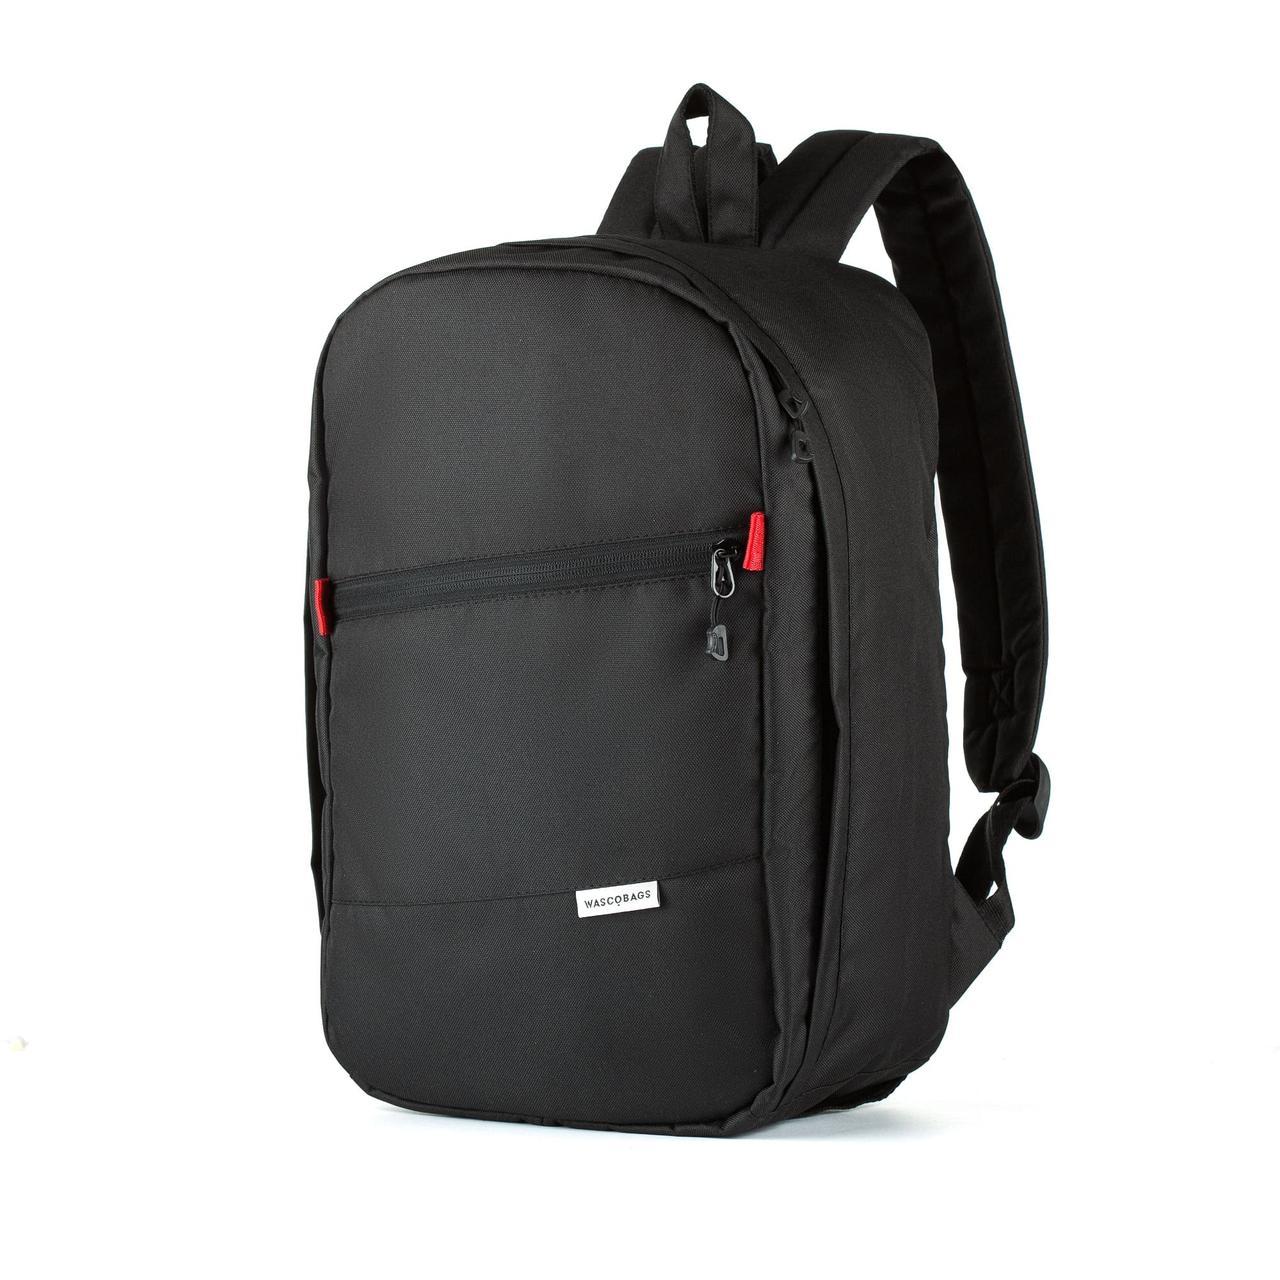 Рюкзак для ручной клади Wascobags  40x20x25 J-Satch S Черный